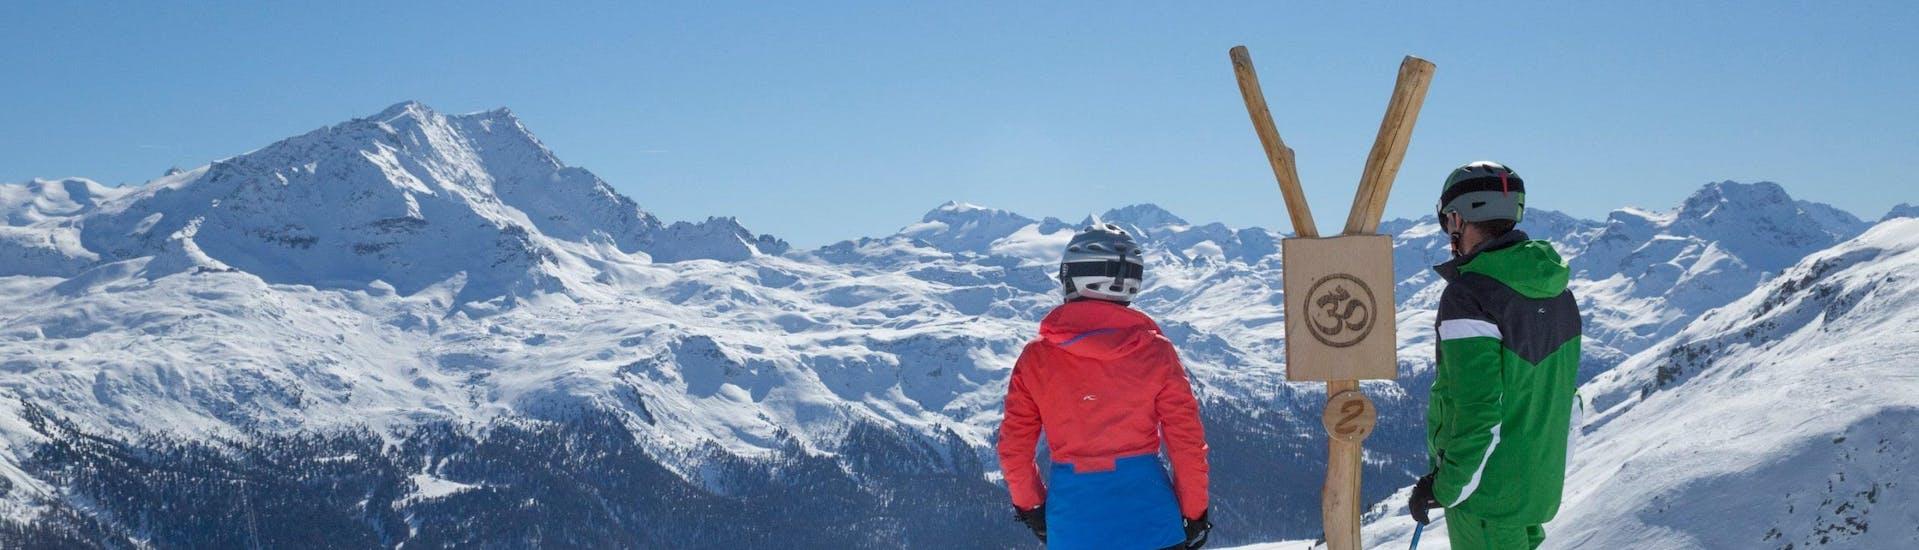 Vista del paisaje soleado de la montaña durante un curso de esquí con las escuelas de esquí en St. Moritz.